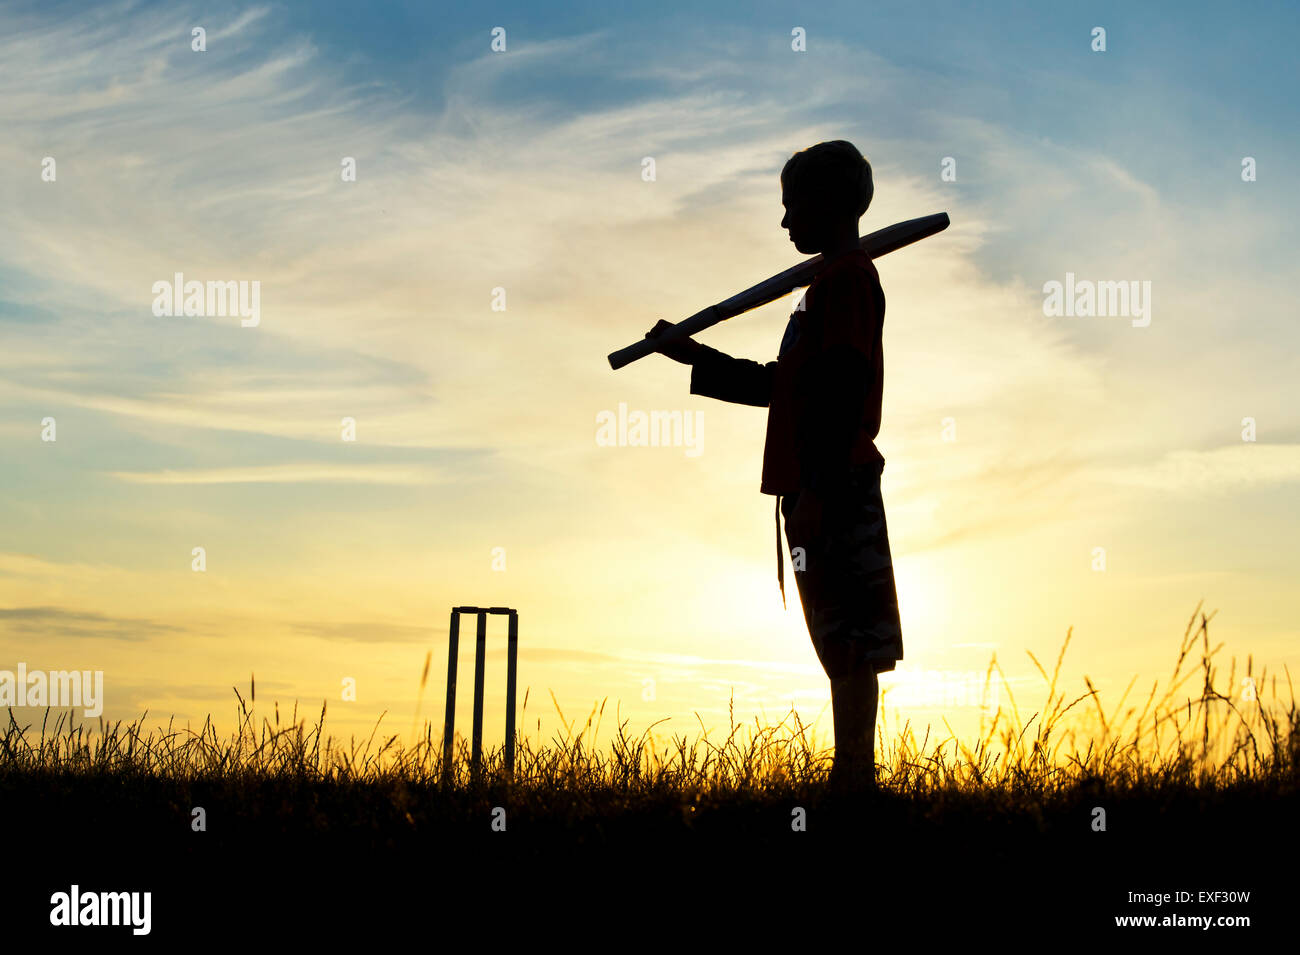 Silhouette de jeune garçon jouer au cricket contre un fond coucher de soleil Photo Stock